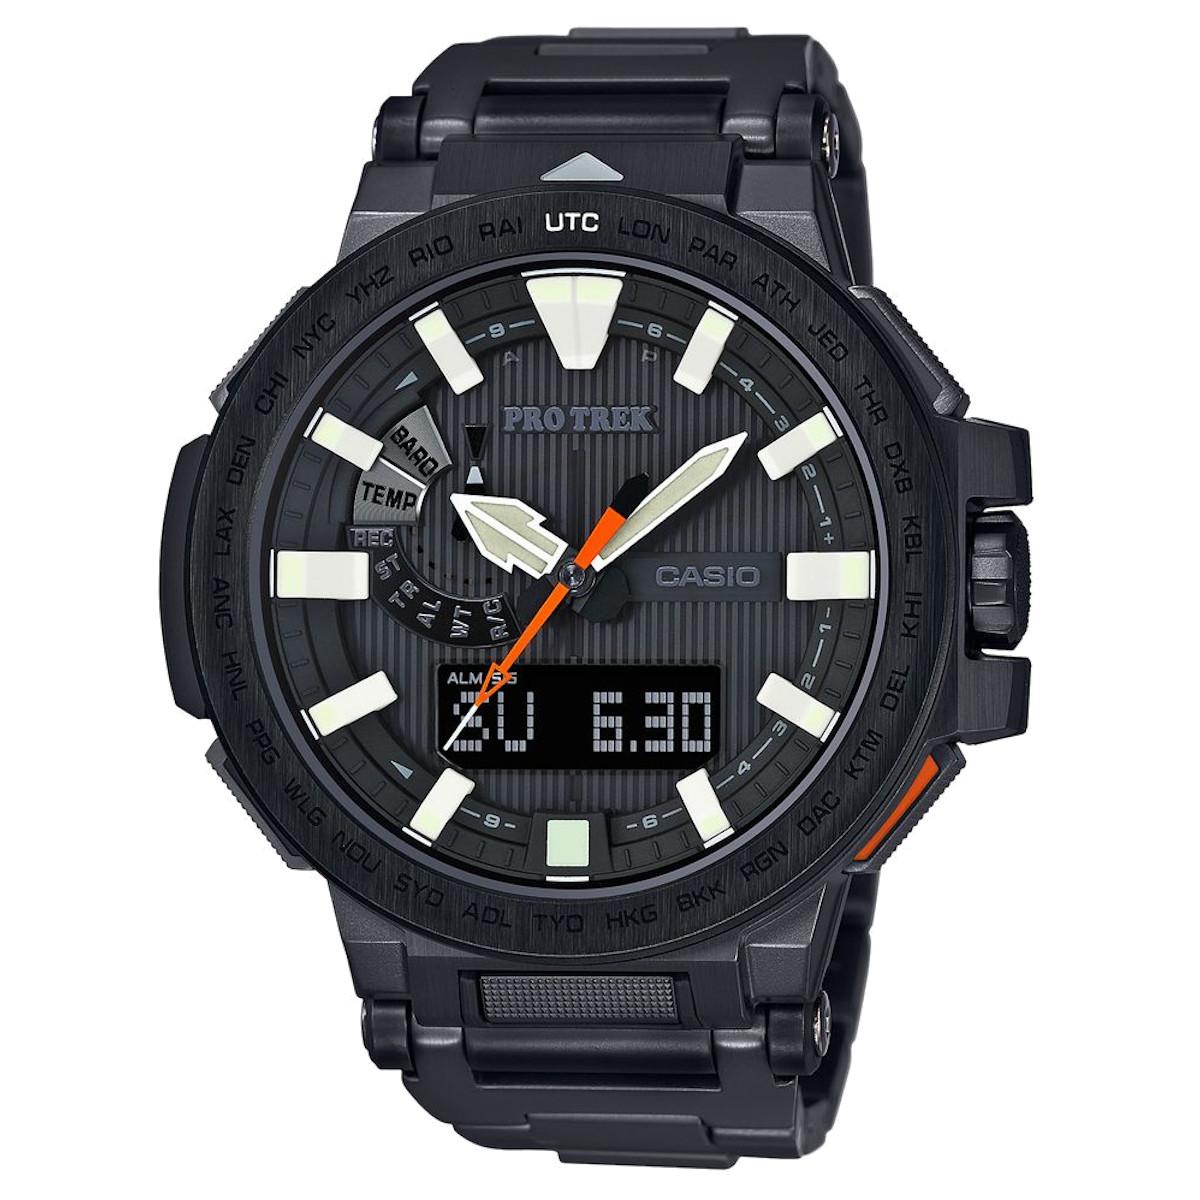 カシオ計算機(CASIO) プロトレック マナスル PRX-8000YT-1JF (高機能腕時計/登山/釣り/アウトドア/キャンプ)※メーカーお取り寄せ商品